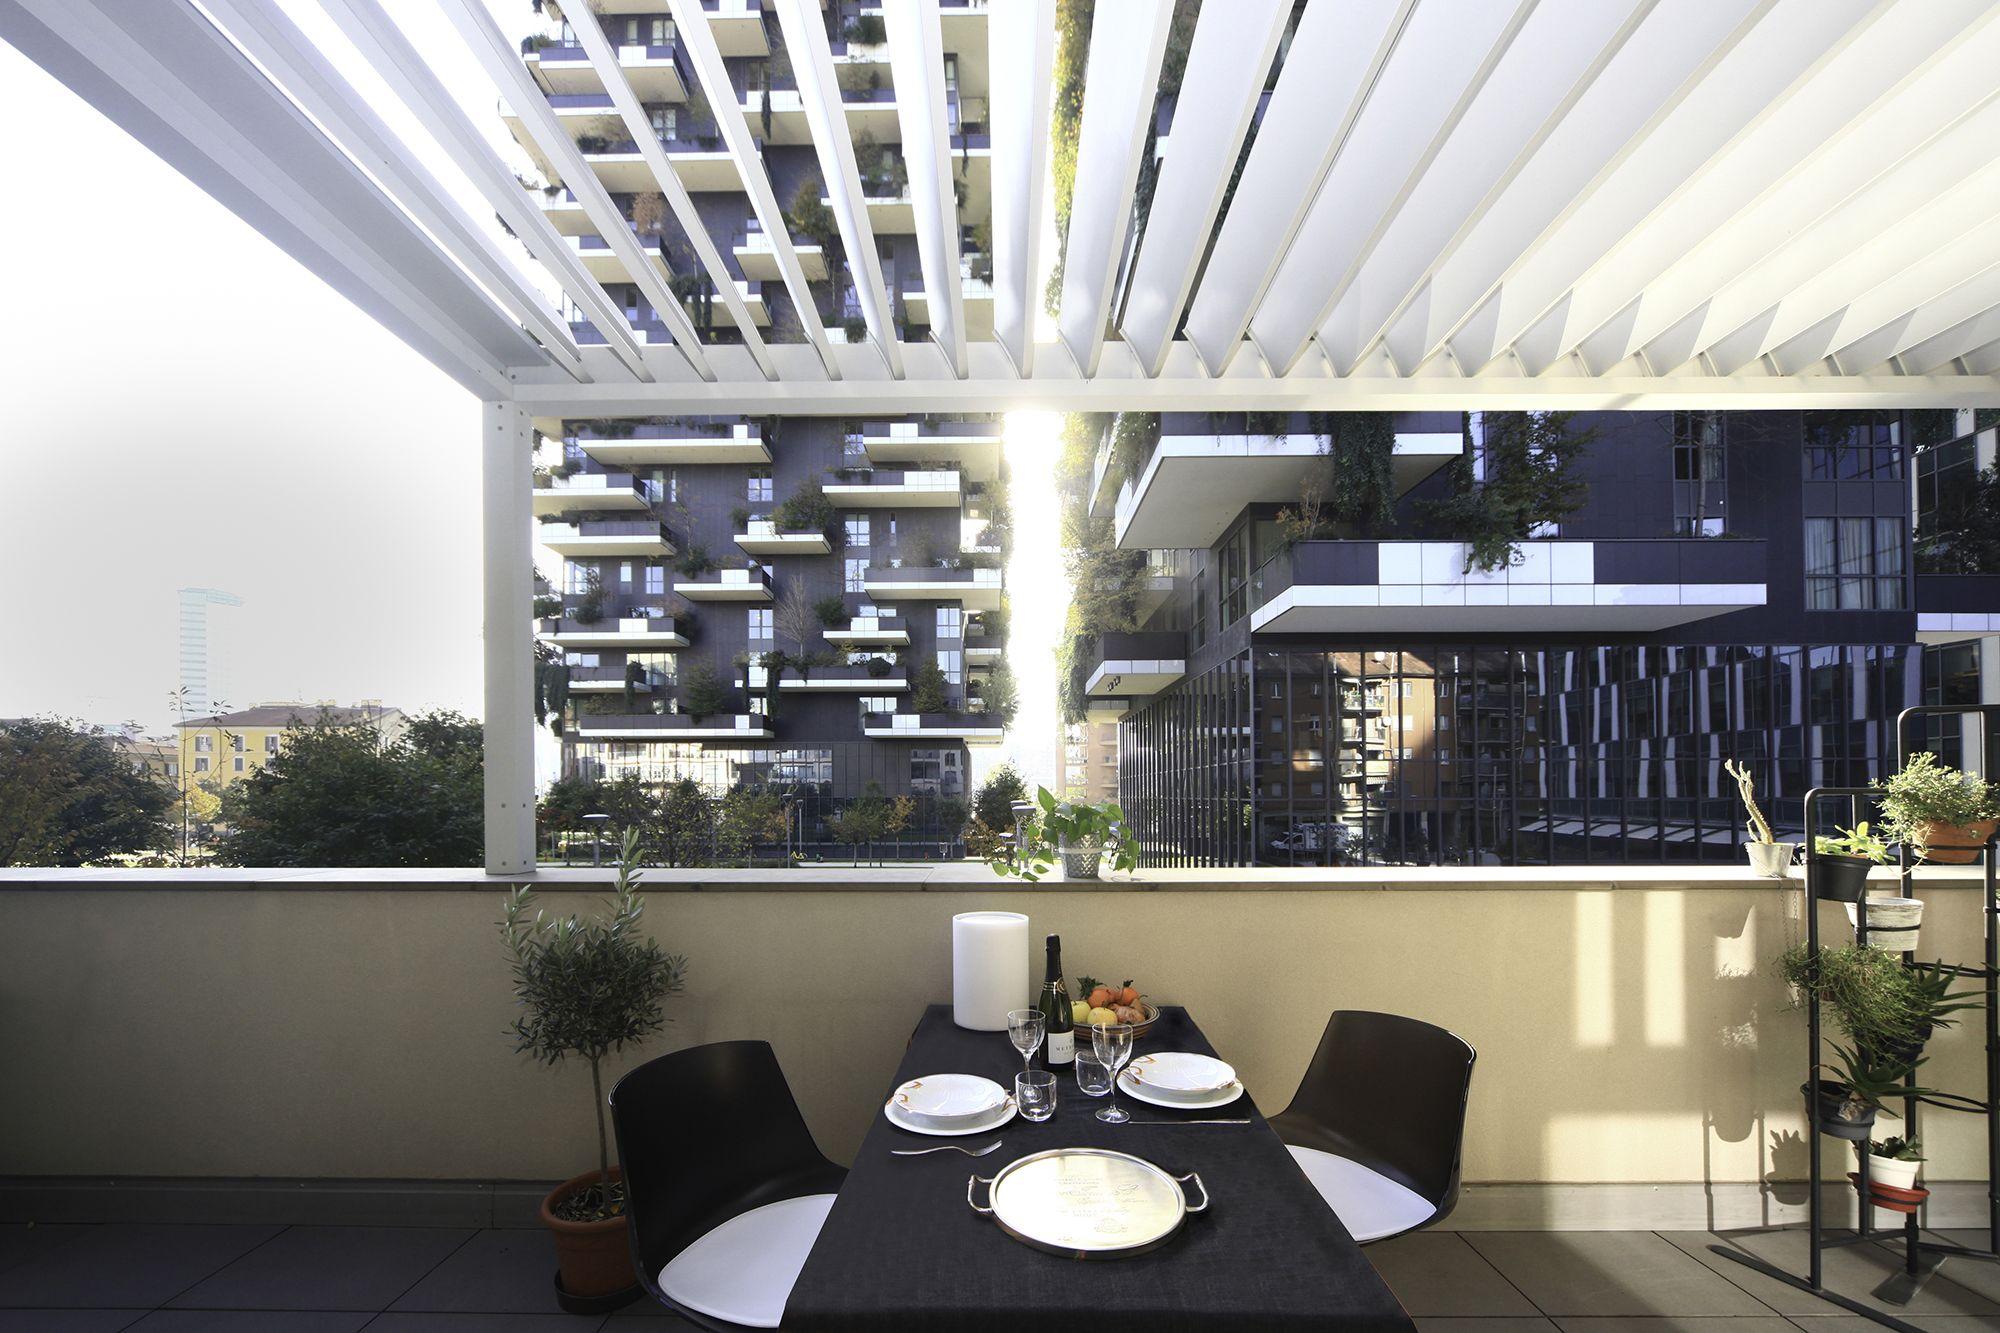 Arredo Balconi E Terrazze balconi, giardini e terrazze: i nuovi spazi civili da